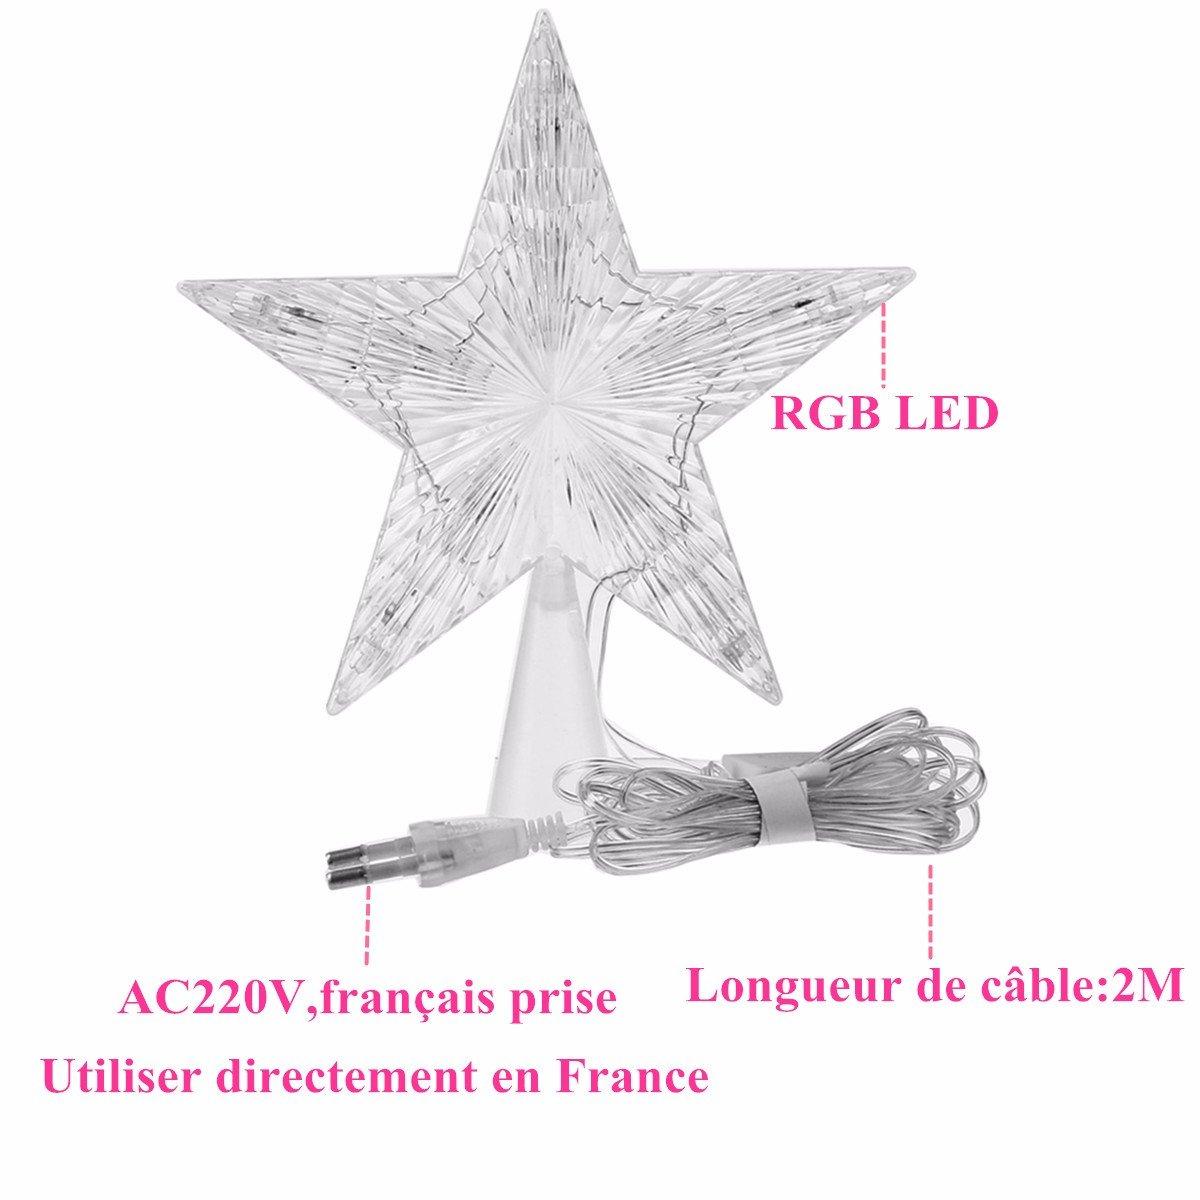 250/unit/és couleur noir /Vis DIN 7504P pointe Foret tete fraisee empreinte PH /Ø 4,2/x 32/mm Zingu/é Ruban adh/ésif 9/N42327504p/